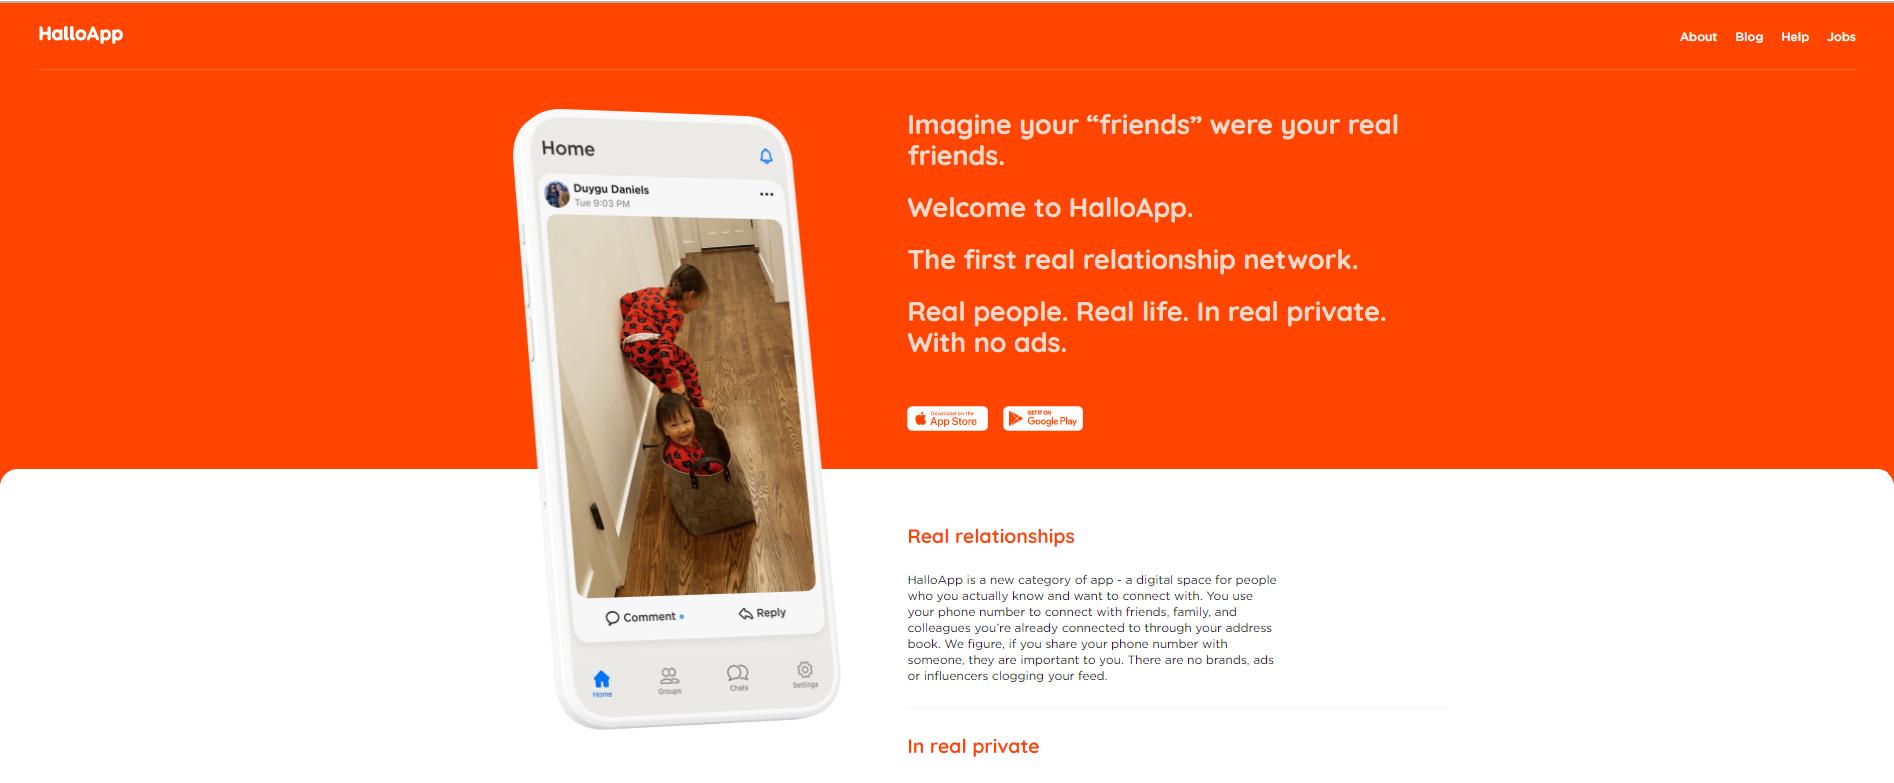 Criadores do WhatsApp lançam novo aplicativo HalloApp com foco na privacidade